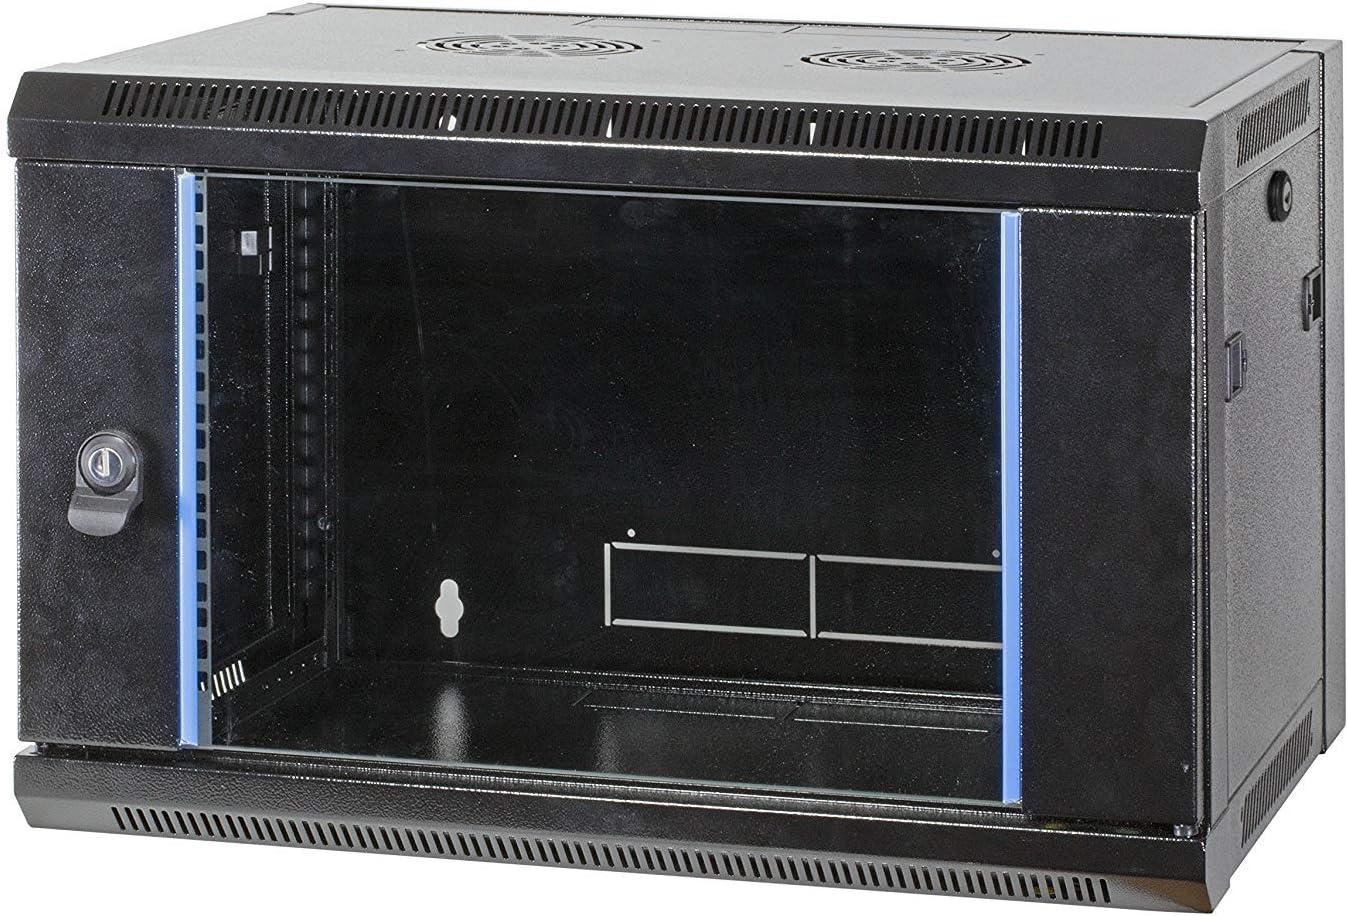 Tiefe 450 mm EFB-Elektronik 19 Wandgeh/äuse Flat Pack 9HE RAL9005